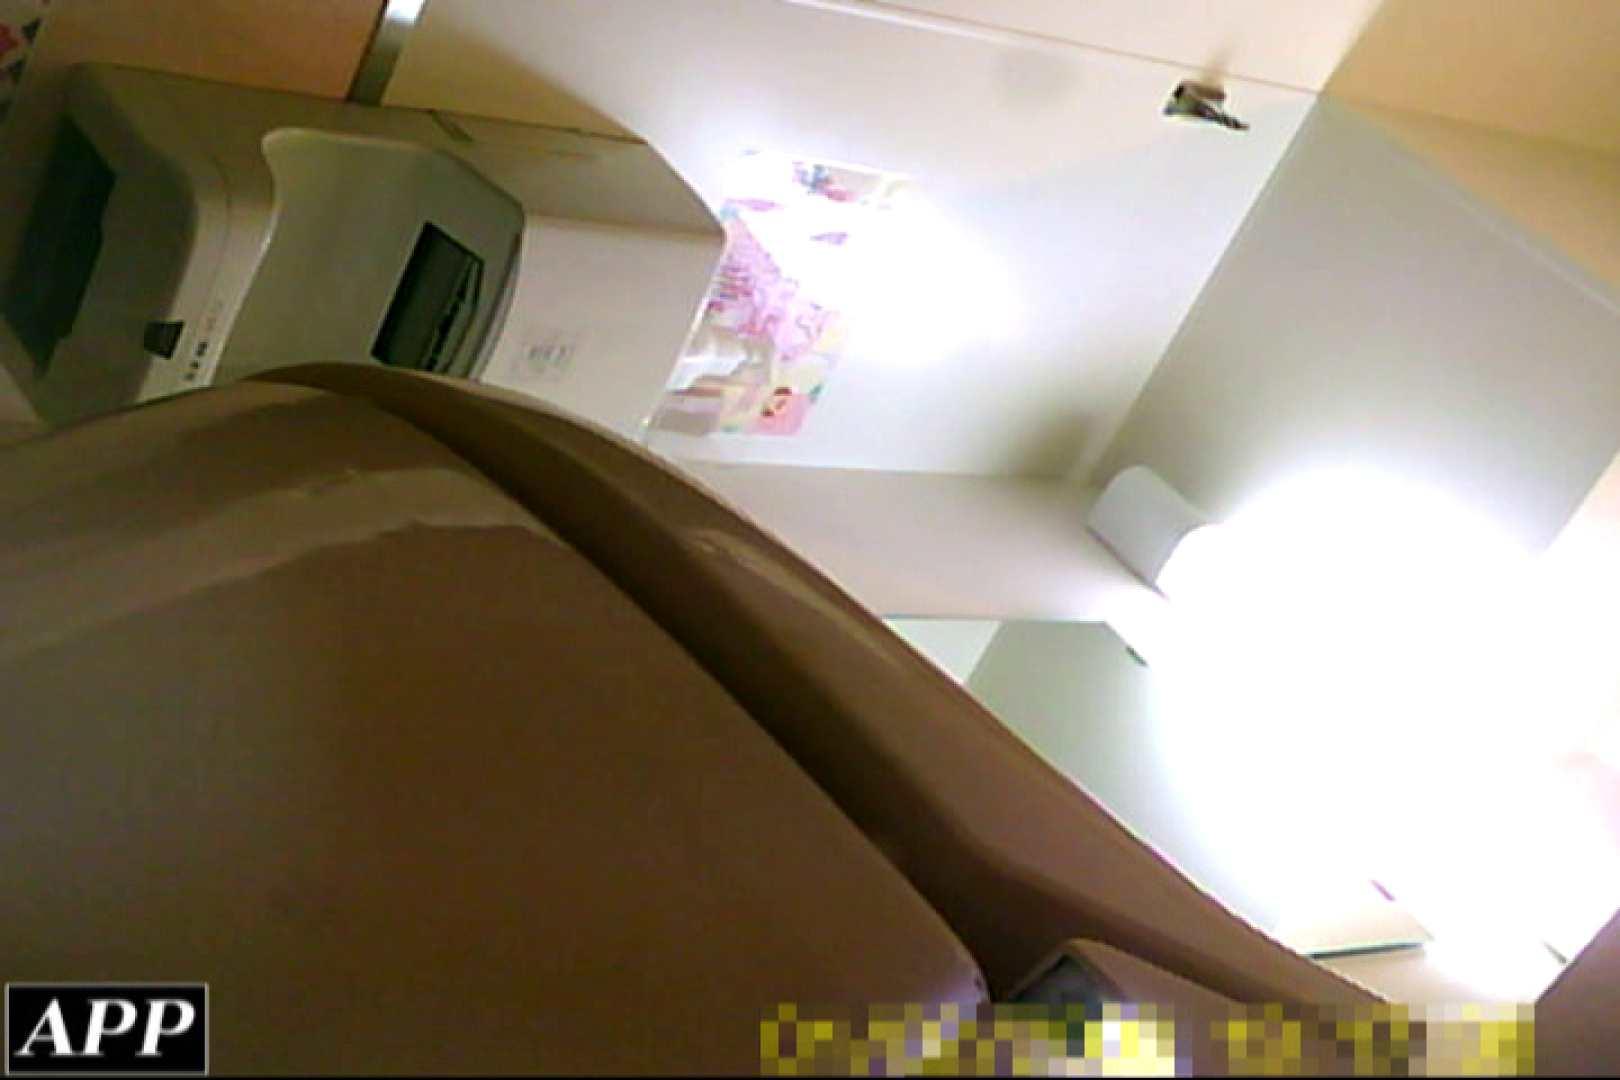 3視点洗面所 vol.92 丸見え AV無料動画キャプチャ 100画像 44